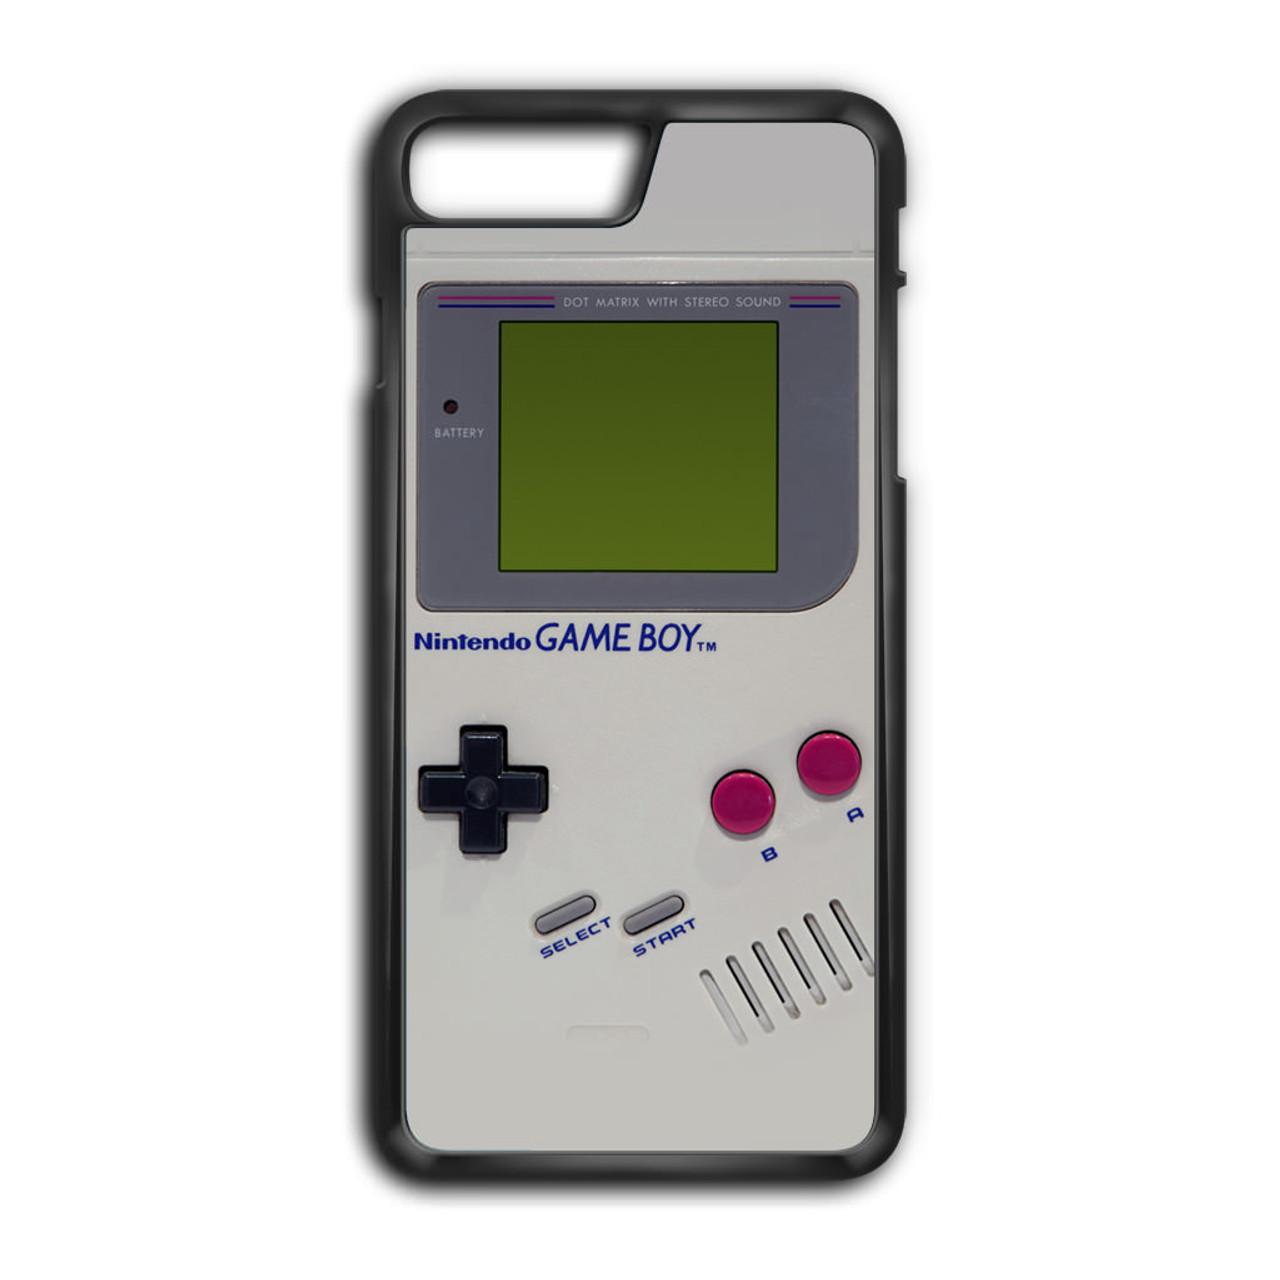 gameboy iphone 8 plus case